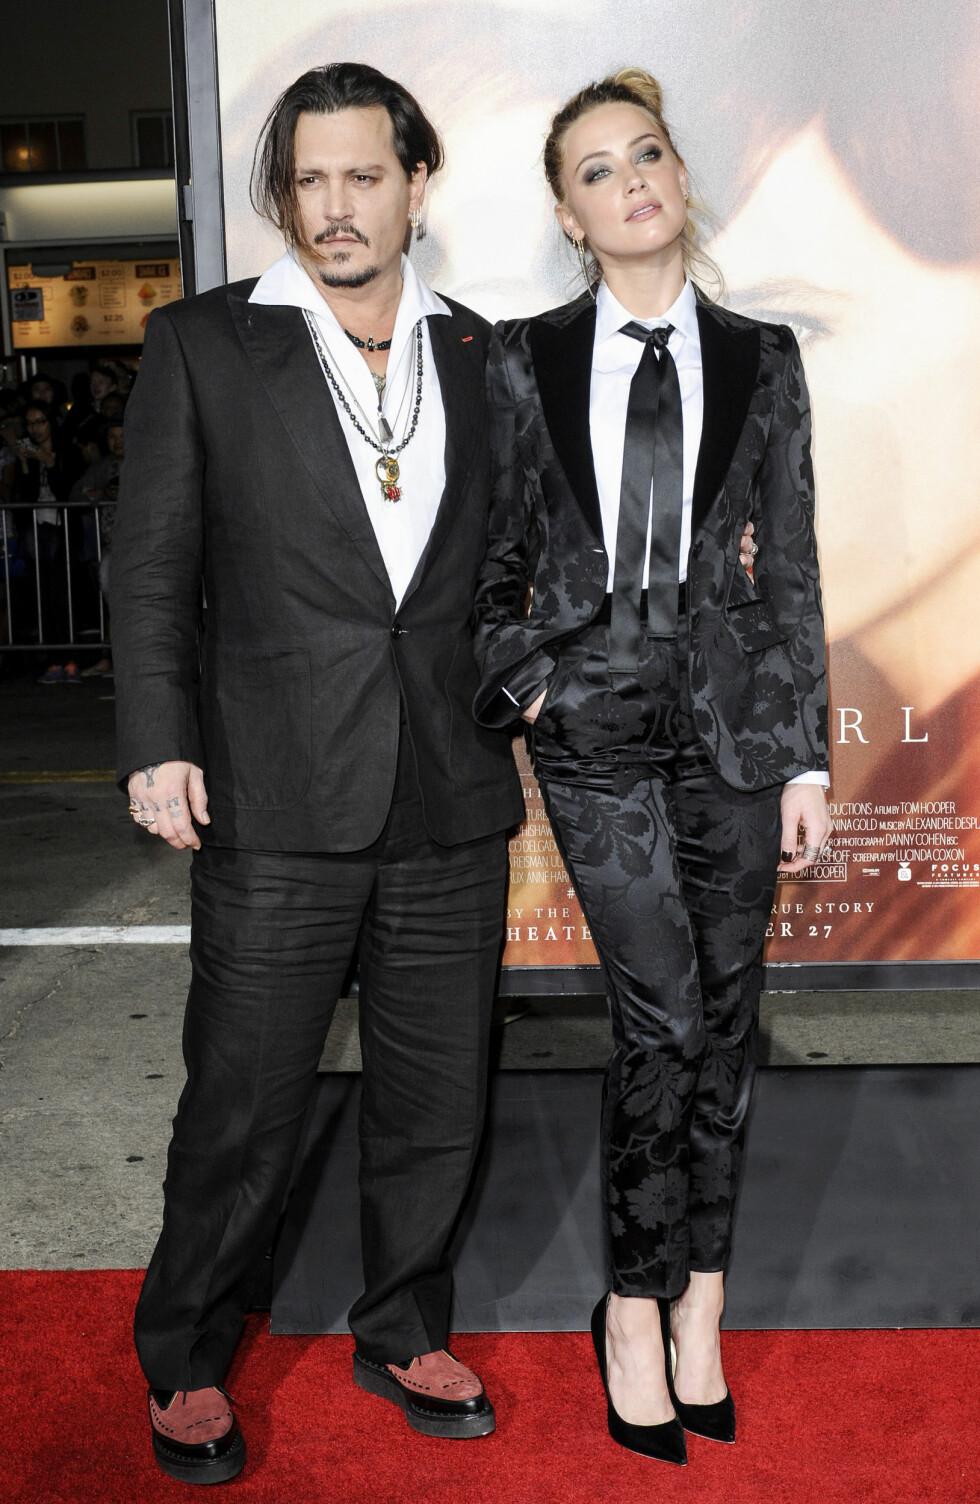 <strong>23 ÅRS FORSKJELL:</strong> Skuespillerparet Johnny Depp (52) og Amber Heard (29) giftet seg i mars. Foto: NTB Scanpix